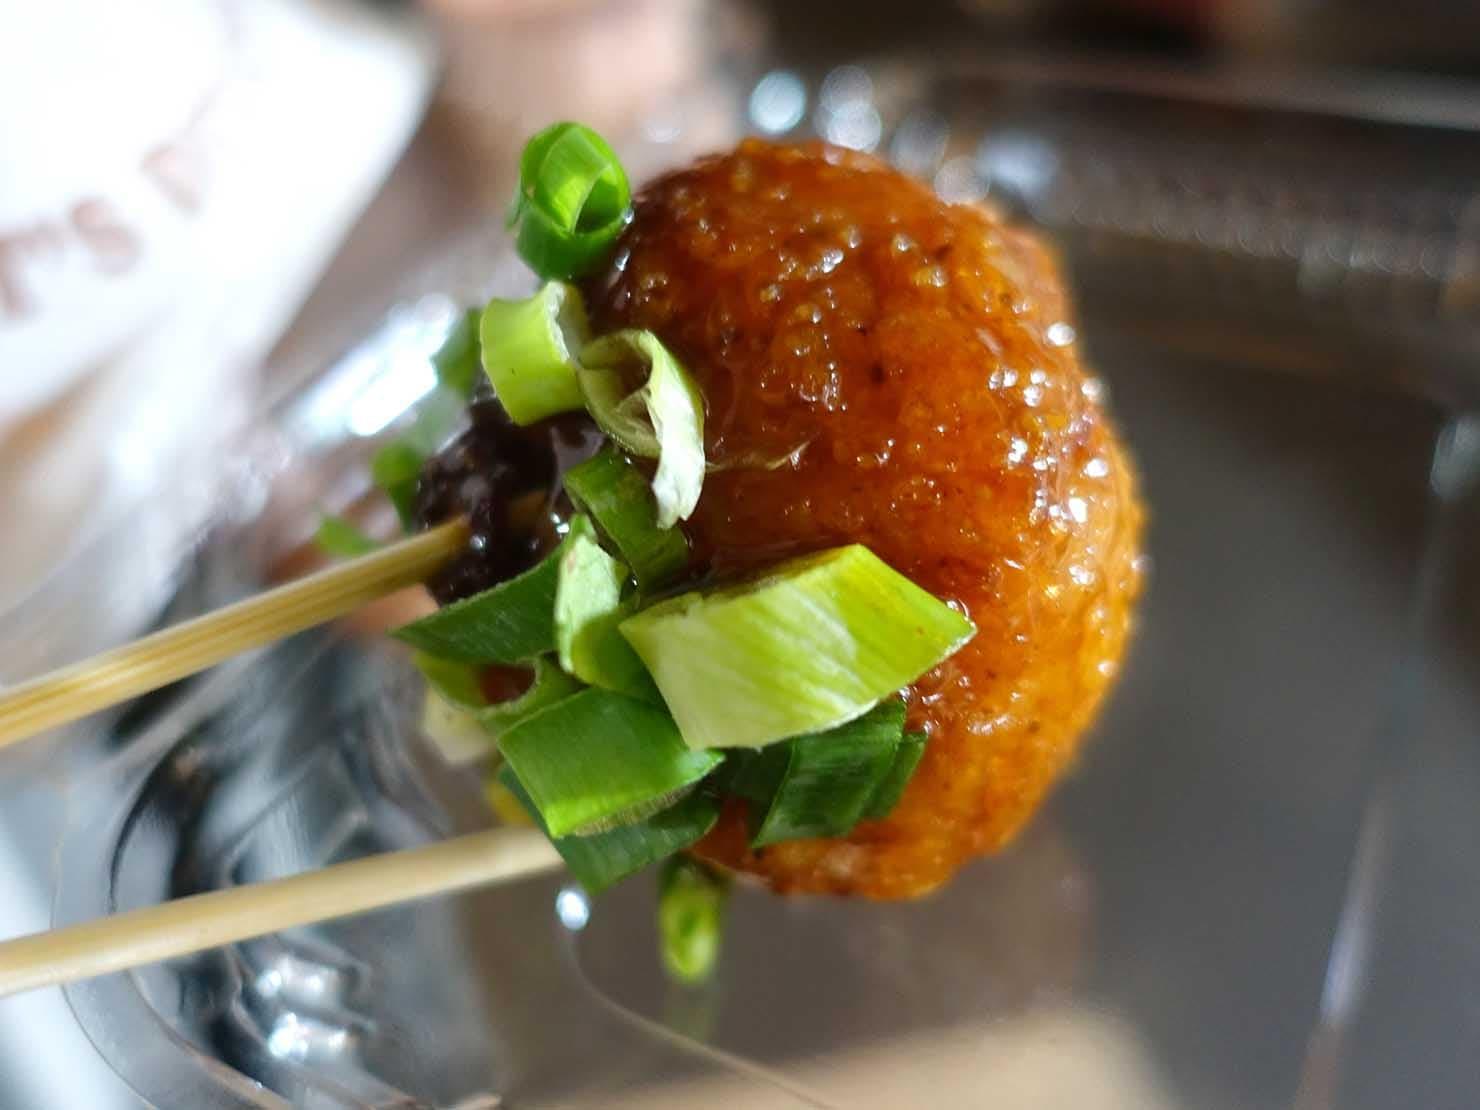 台湾の夜市で食べられる日本グルメ「炸飯糰(揚げおにぎり)」クローズアップ